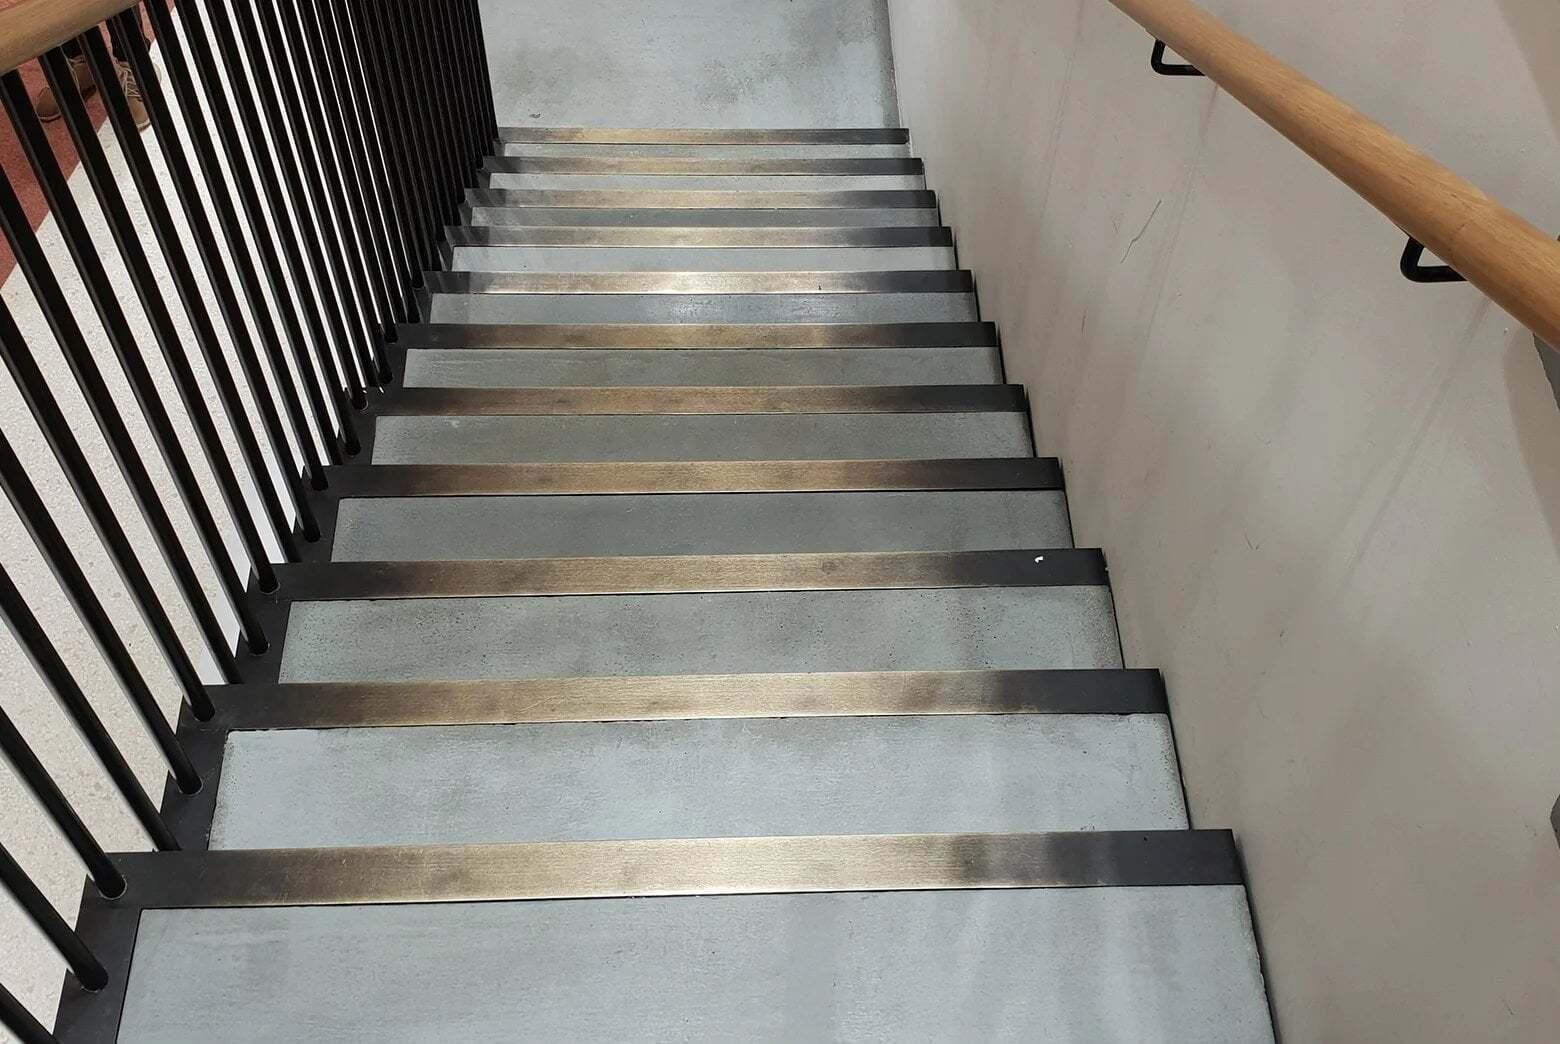 beton dekoracyjny na klatce schodowej